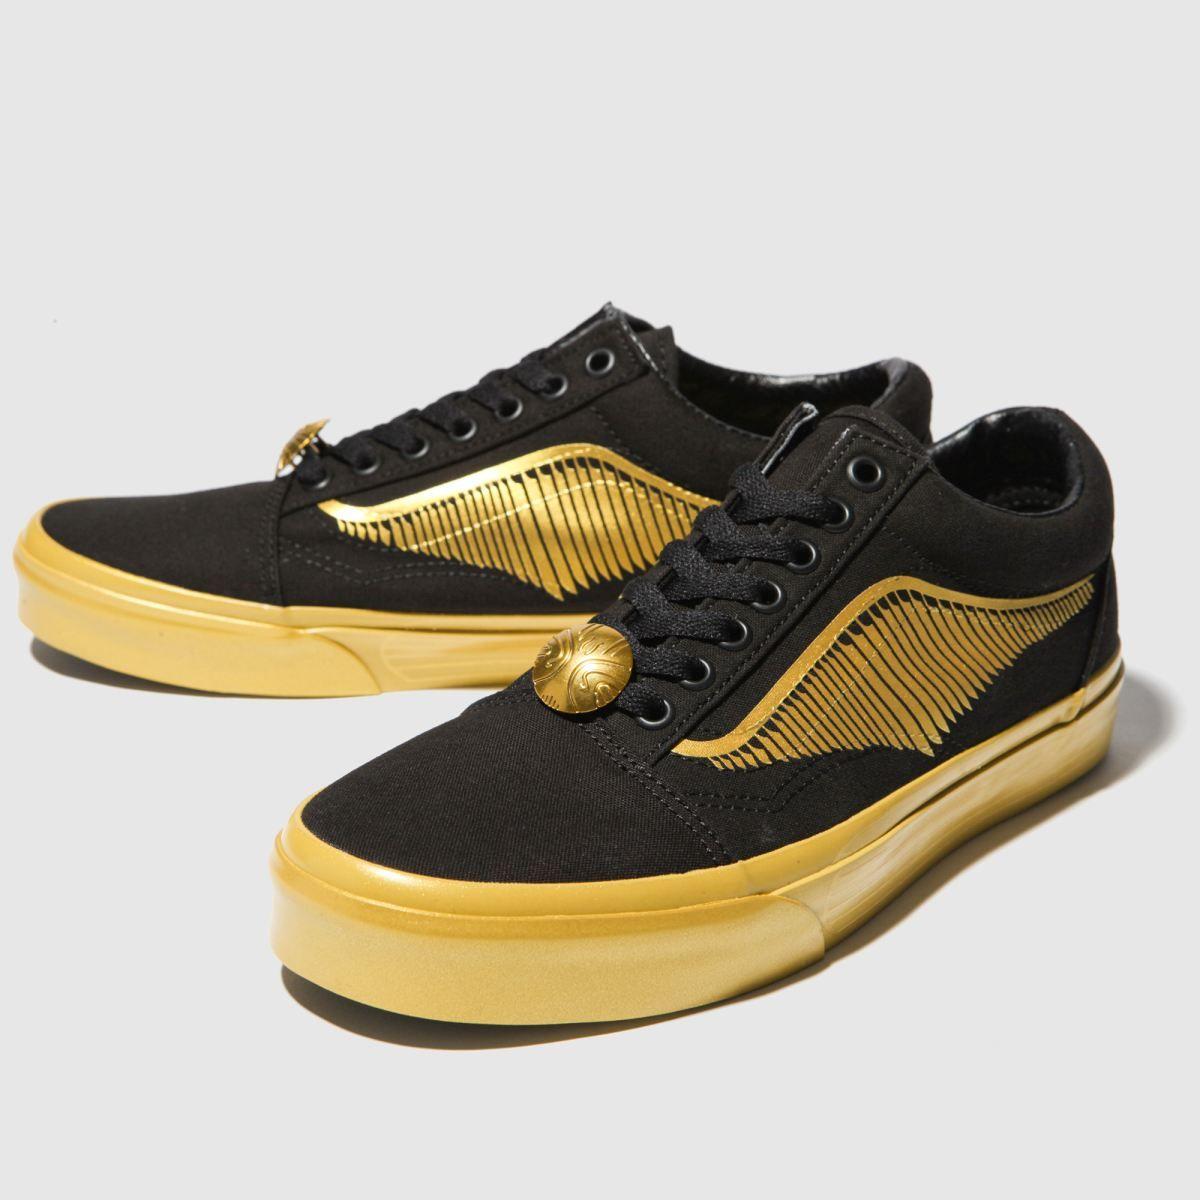 vans black \u0026 gold hp golden snitch old